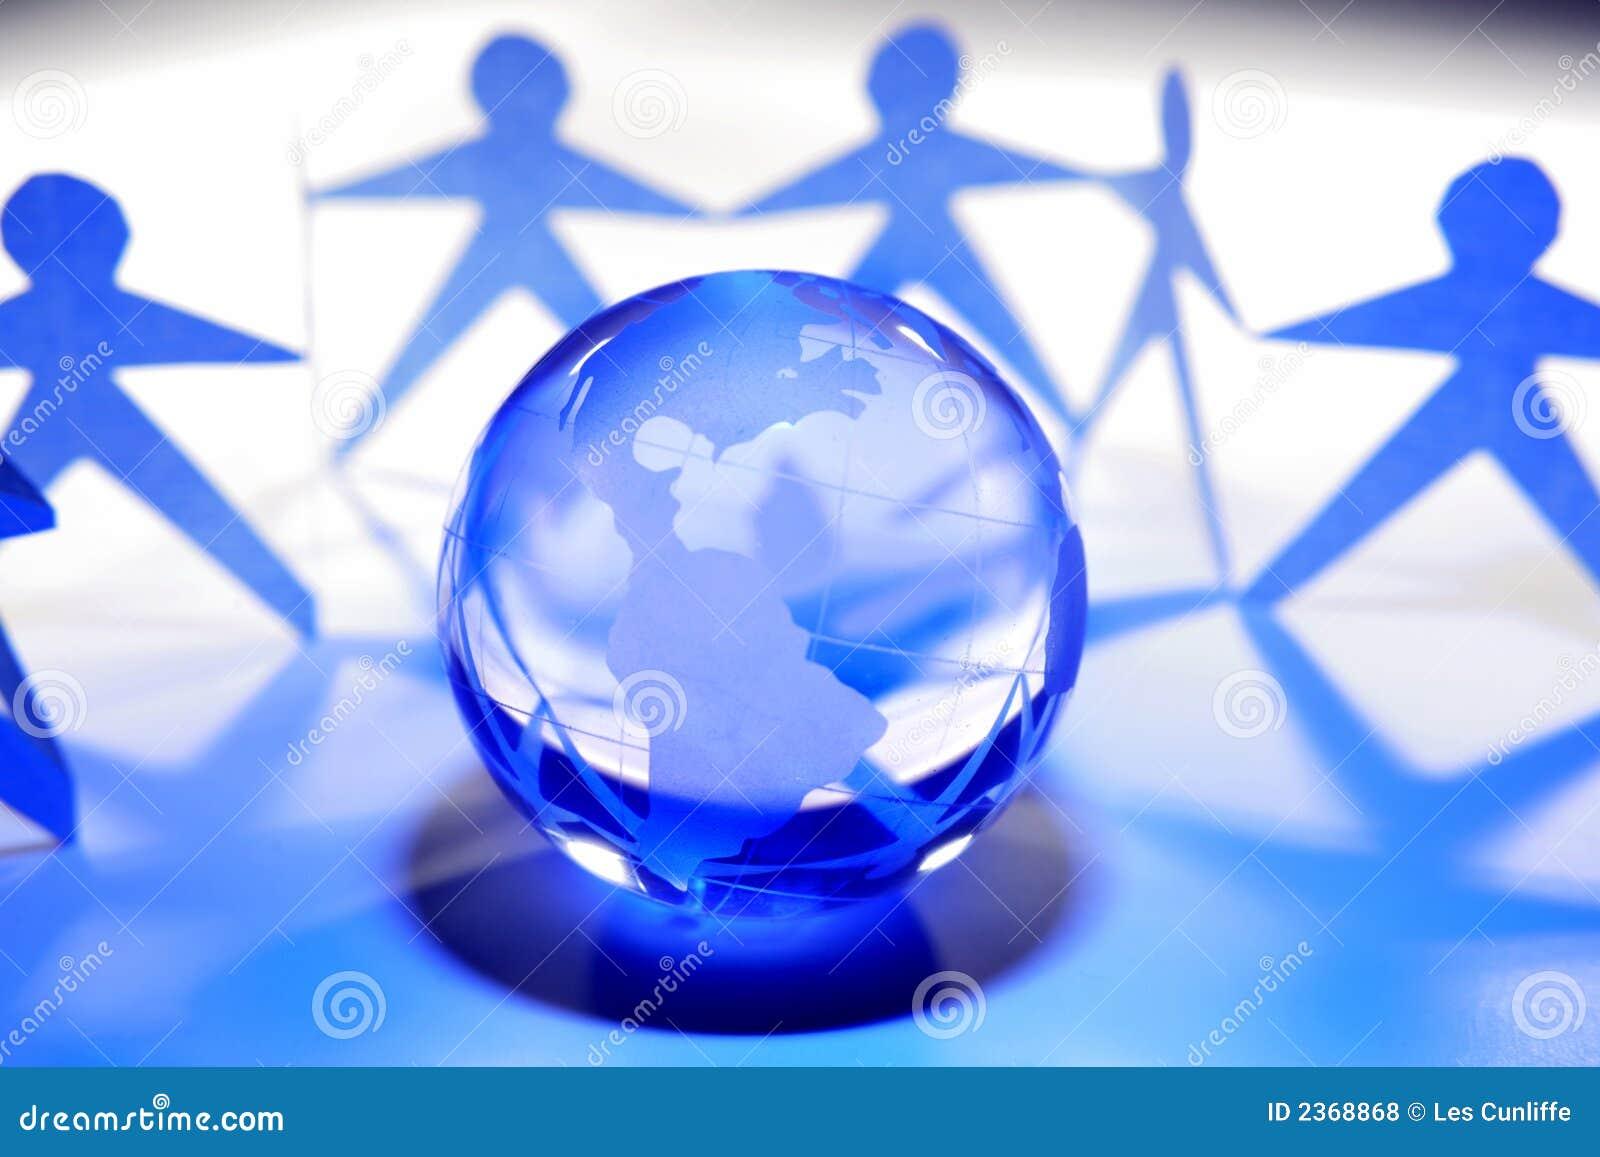 global education stock photo  image of holding  bonding